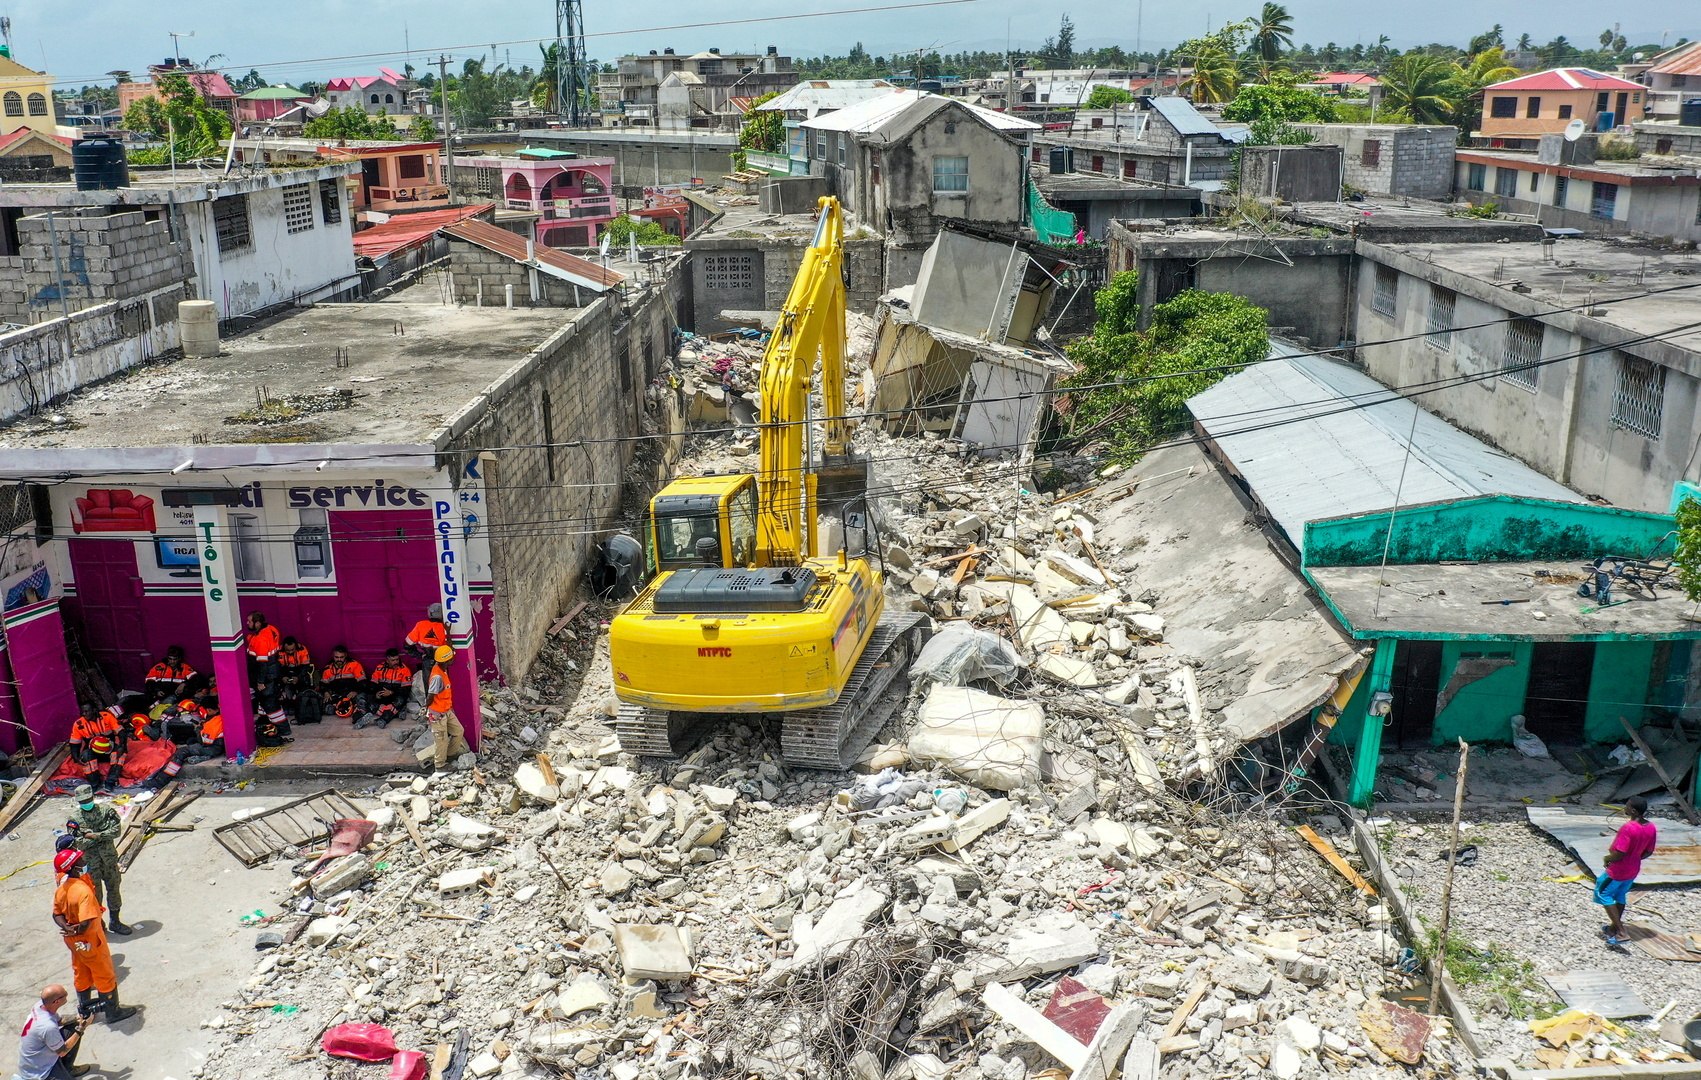 هايتي.. استئناف إقامة الصلوات داخل الكنائس المدمرة من الزلزال والعصابات توزع المساعدات